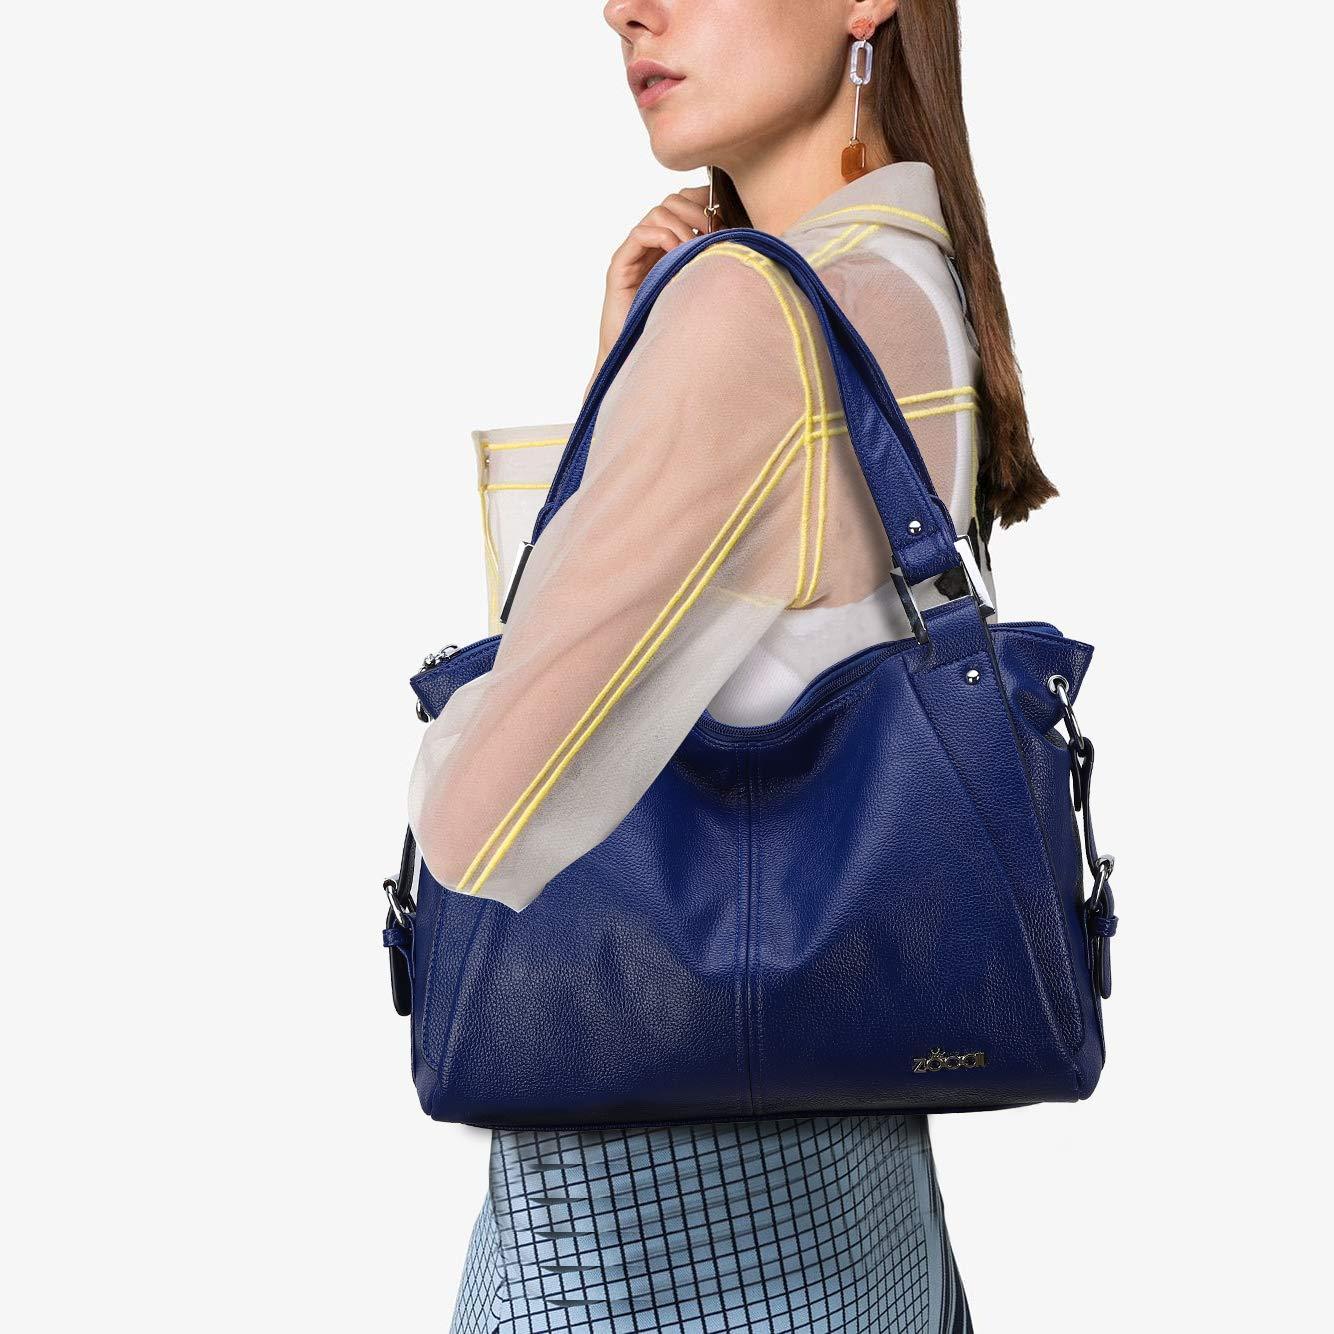 ZOCAI toppfickor PU-läder plånböcker och kvinnor handväskor miljövänlig plånbok dam axelväska Marinblå